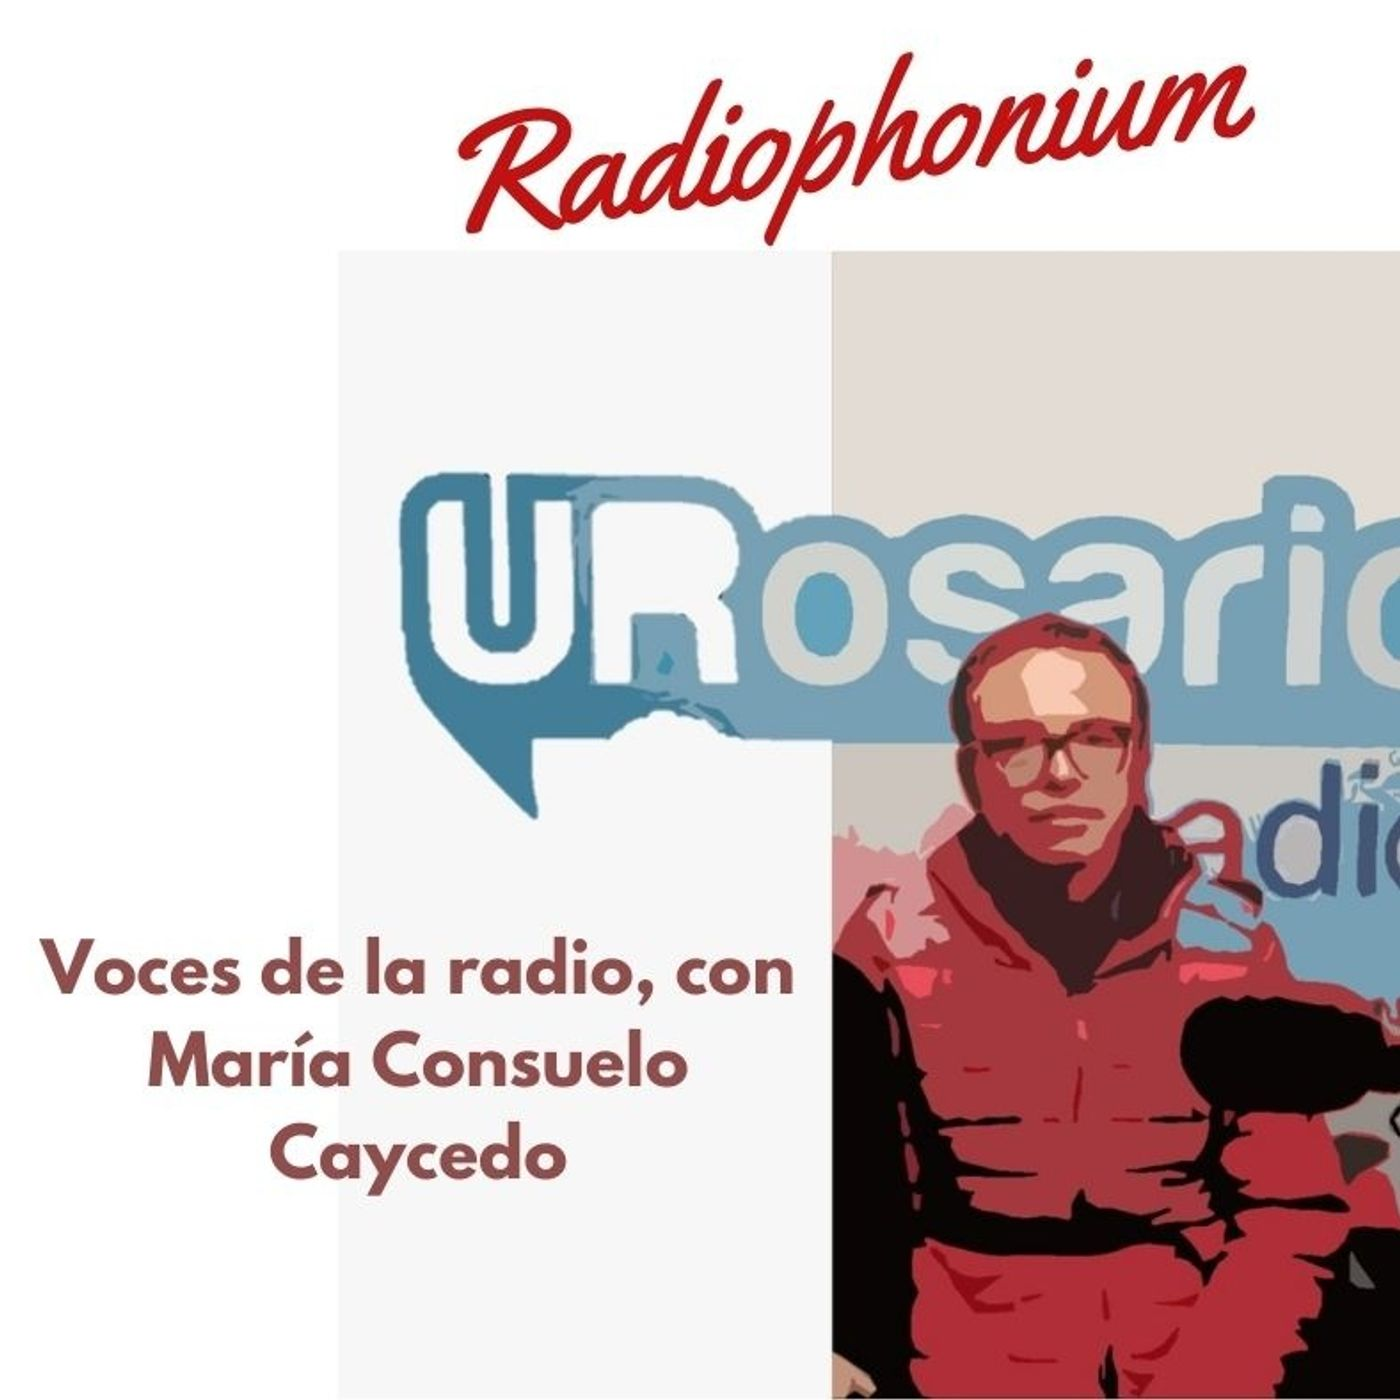 Voces de la radio, con María Consuelo Caycedo